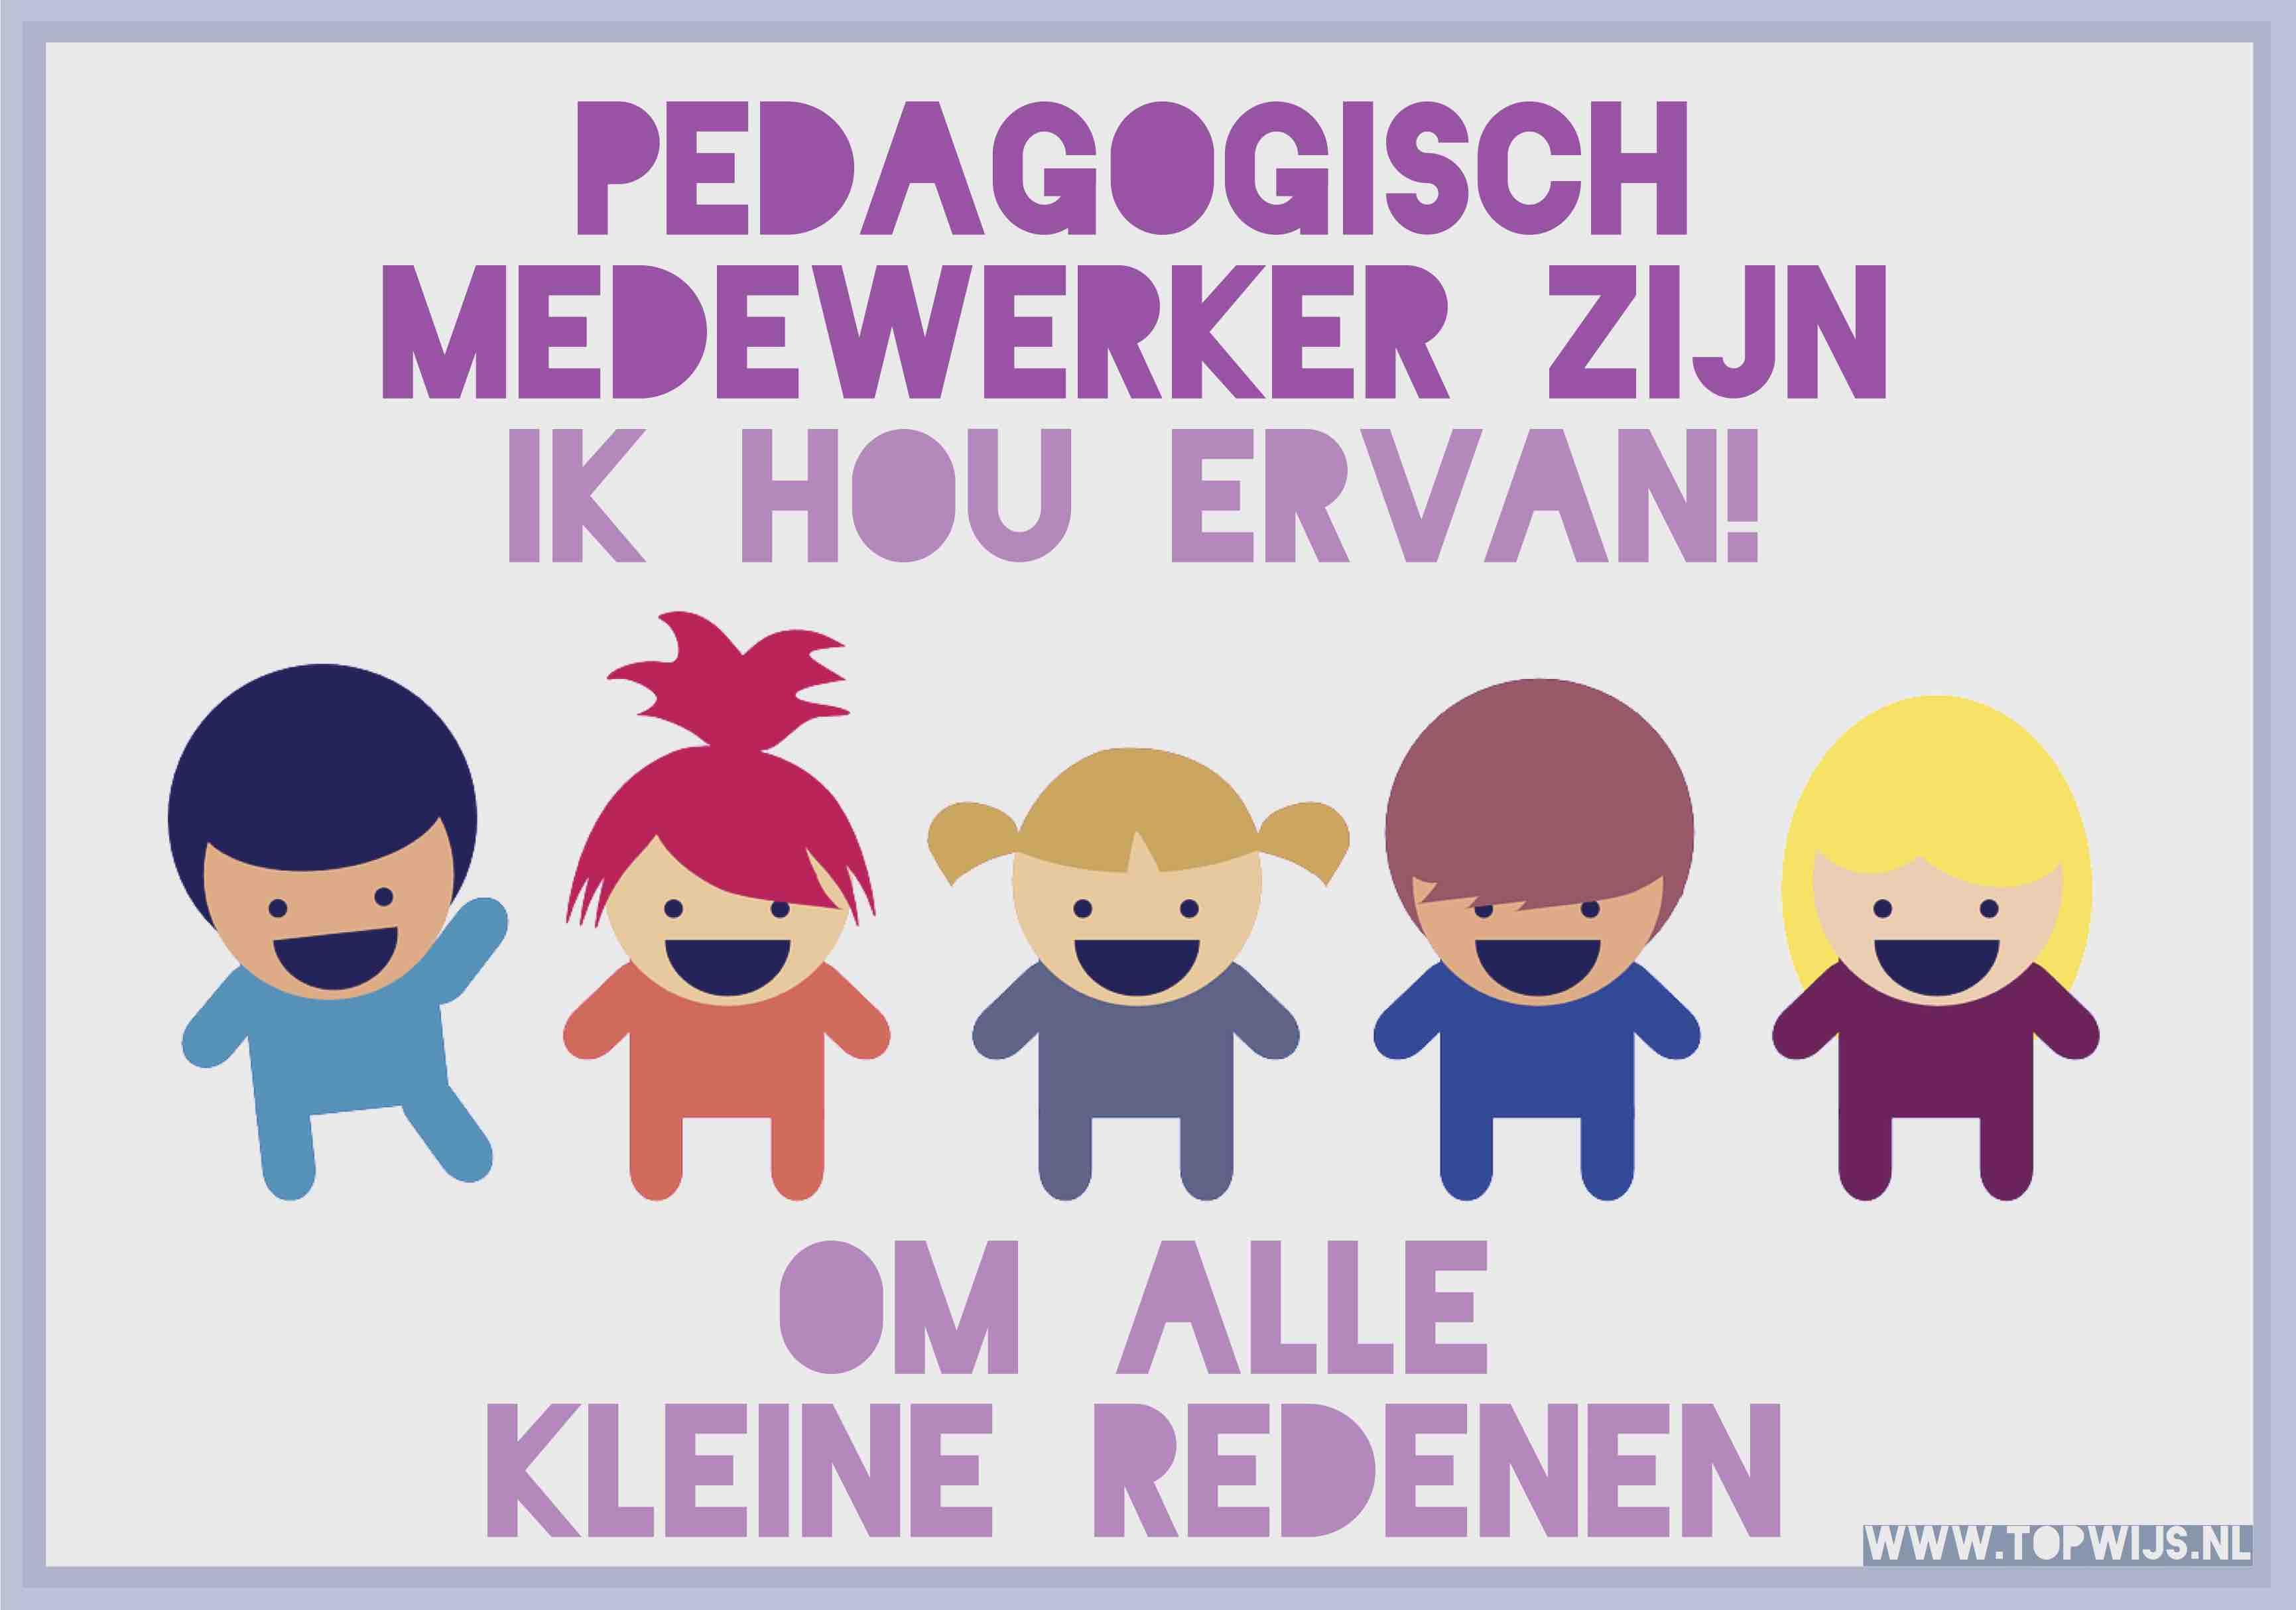 Ik houd ervan om pedagogisch medewerker te zijn om alle kleine redenen